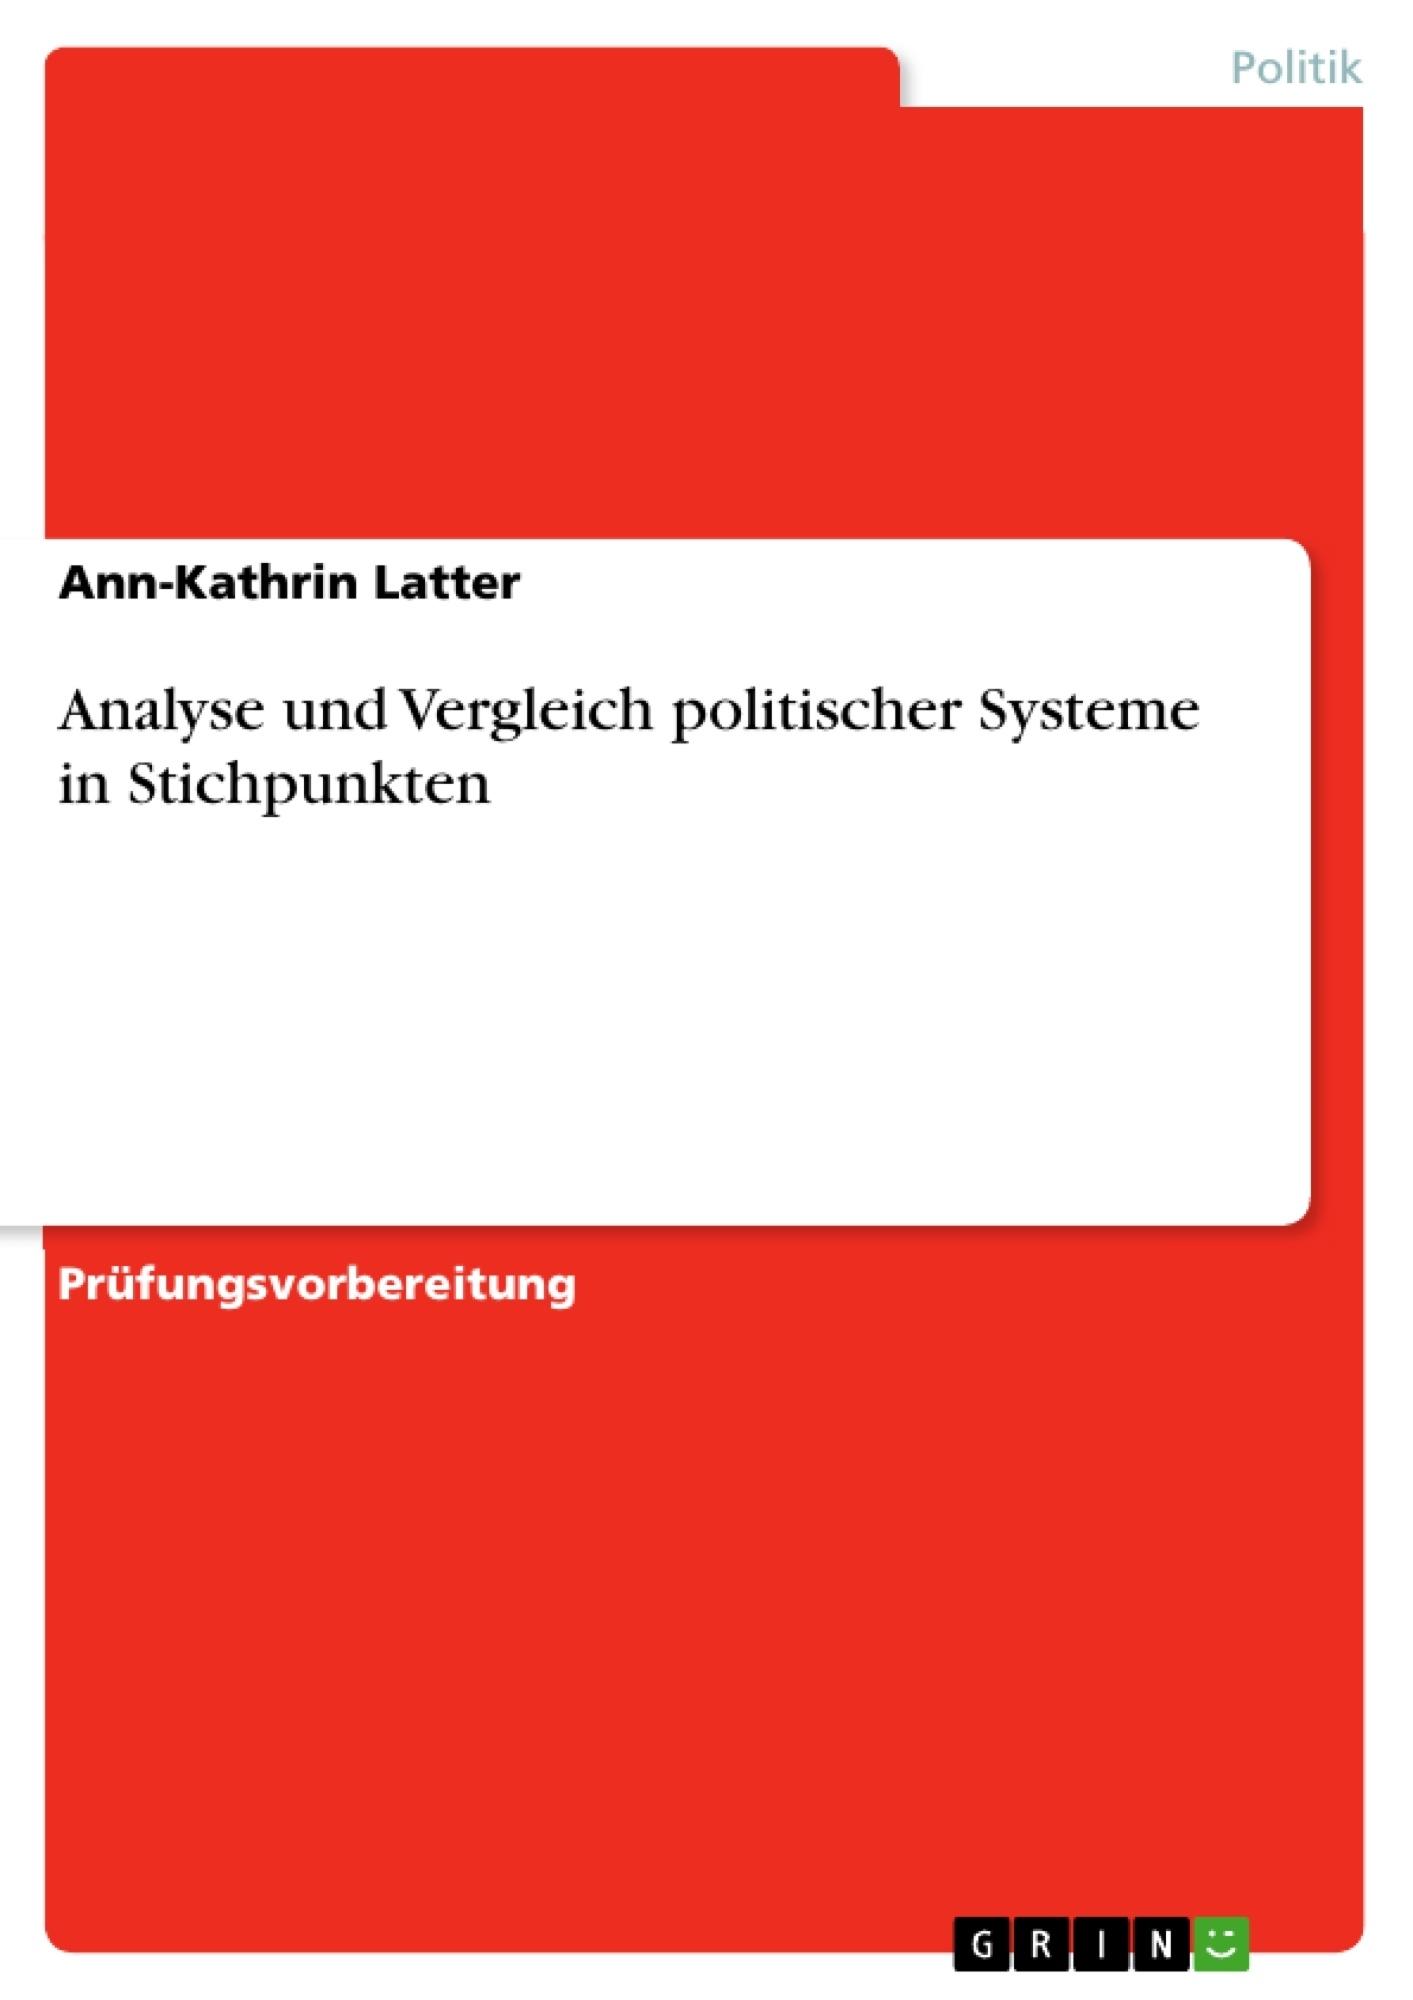 Titel: Analyse und Vergleich politischer Systeme in Stichpunkten